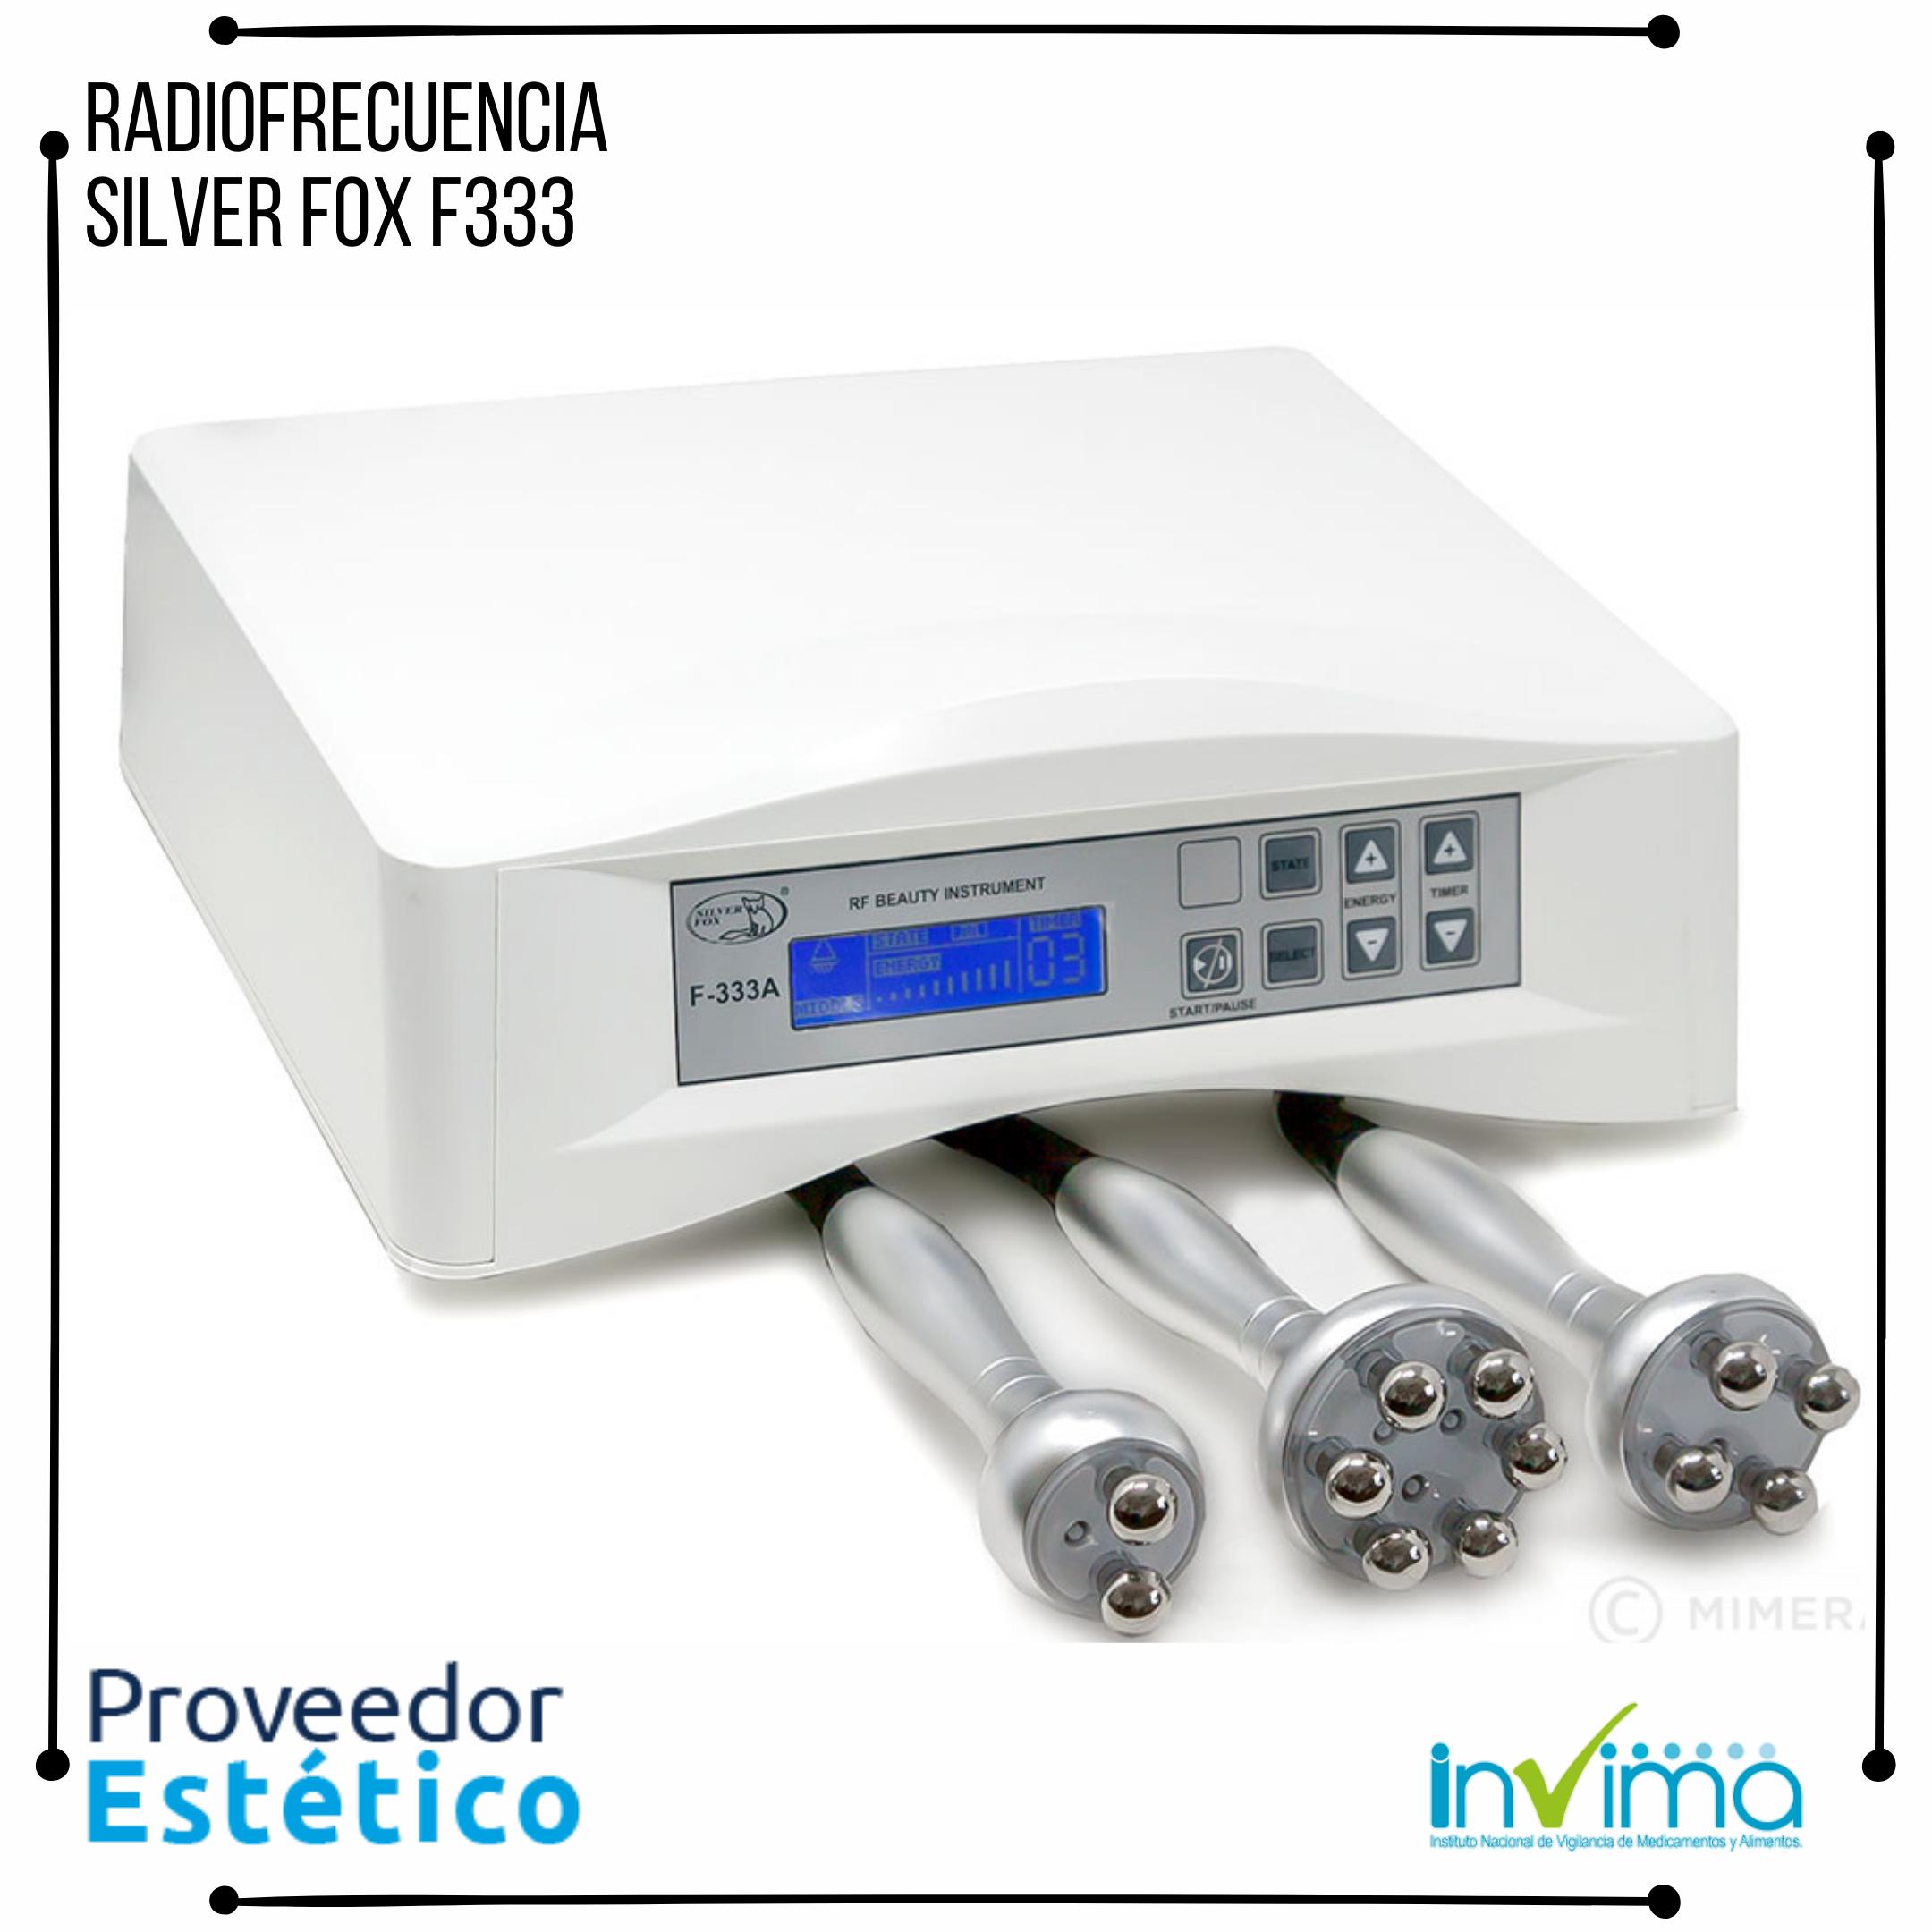 Radiofrecuencia Profesional Silver Fox